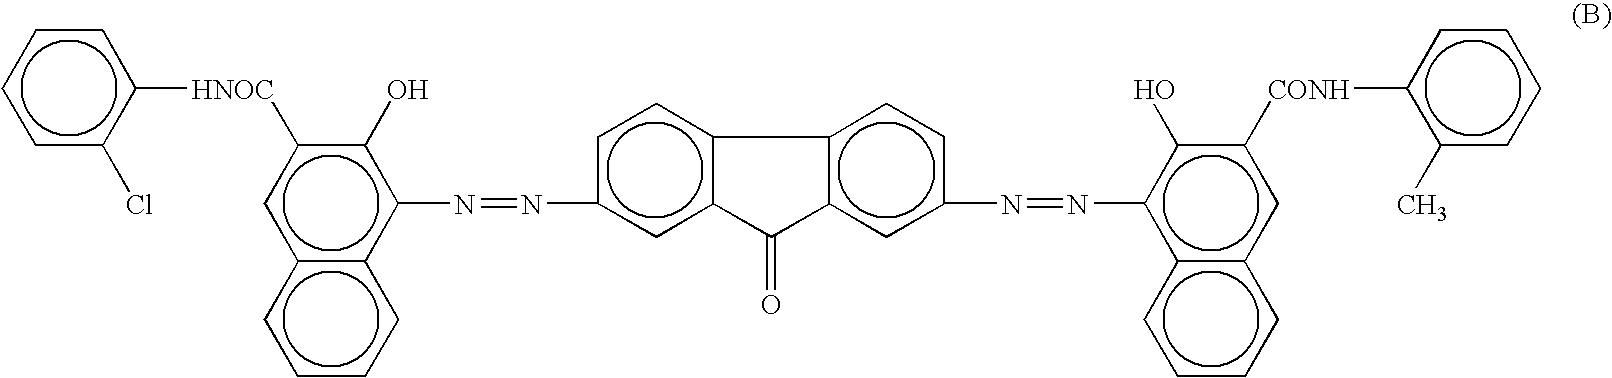 Figure US06777149-20040817-C00093